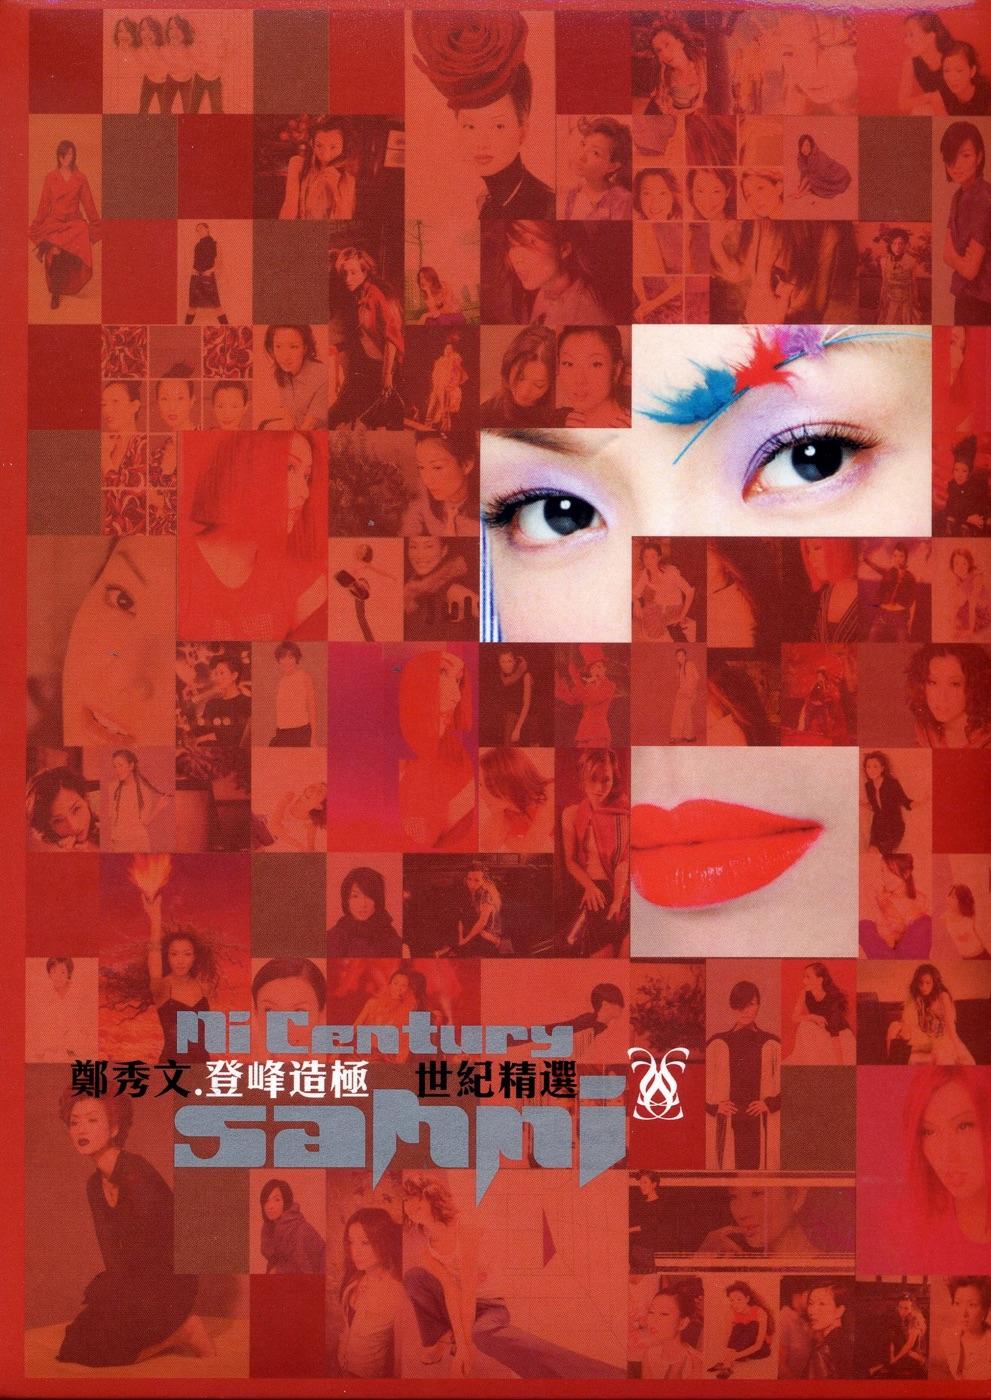 郑秀文 - Mi Century